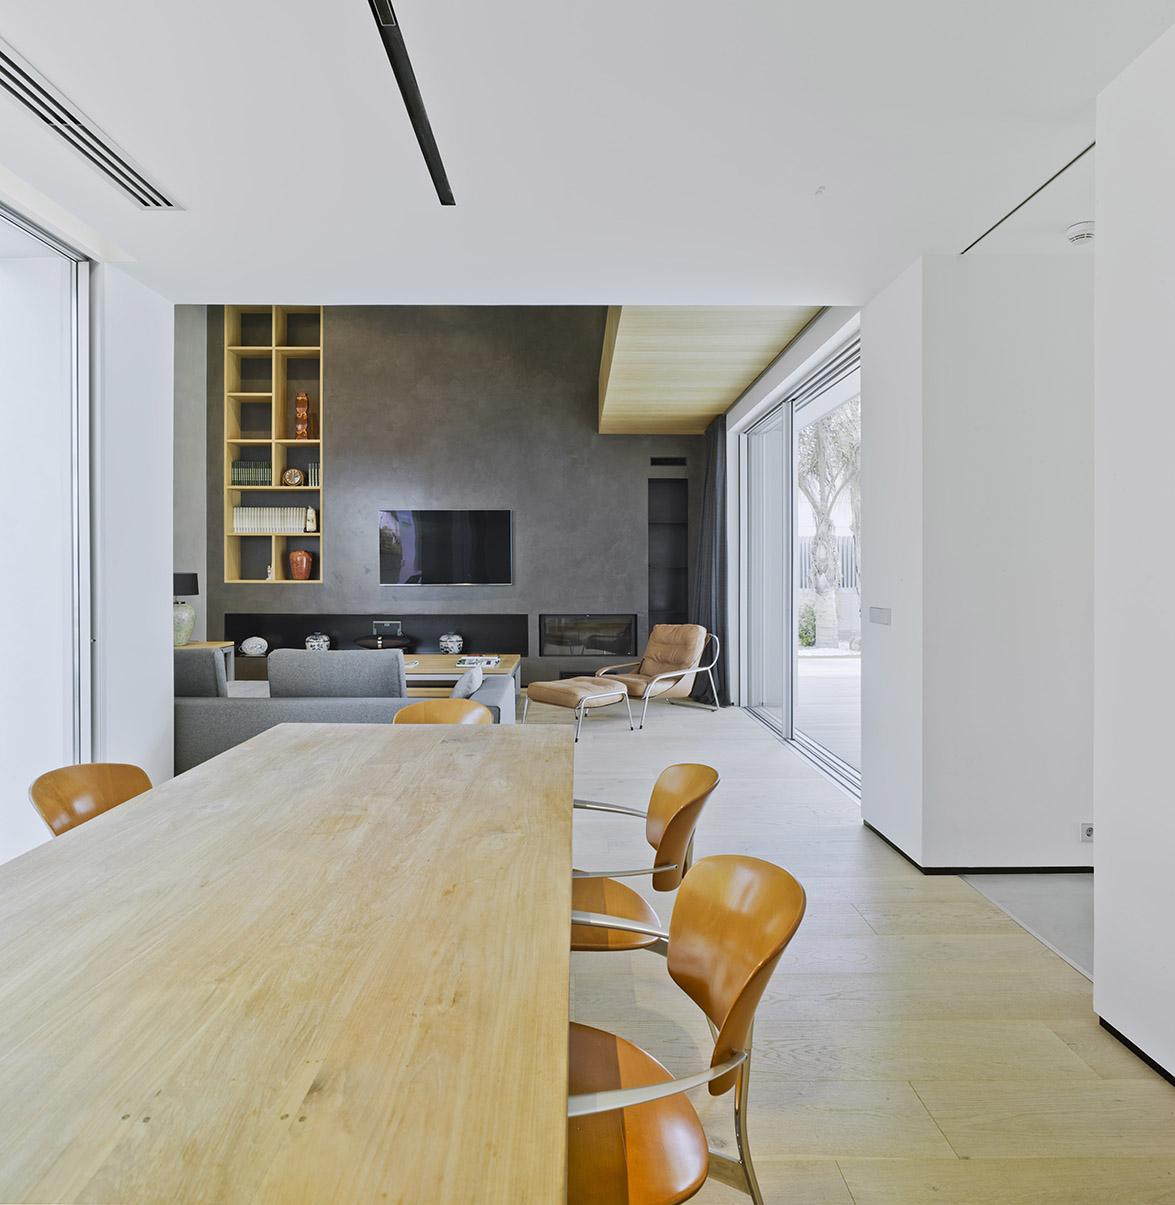 Villa z v de tom s amat estudio de arquitectura equilibrio minimalista y contempor neo en alicante - Estudio arquitectura alicante ...